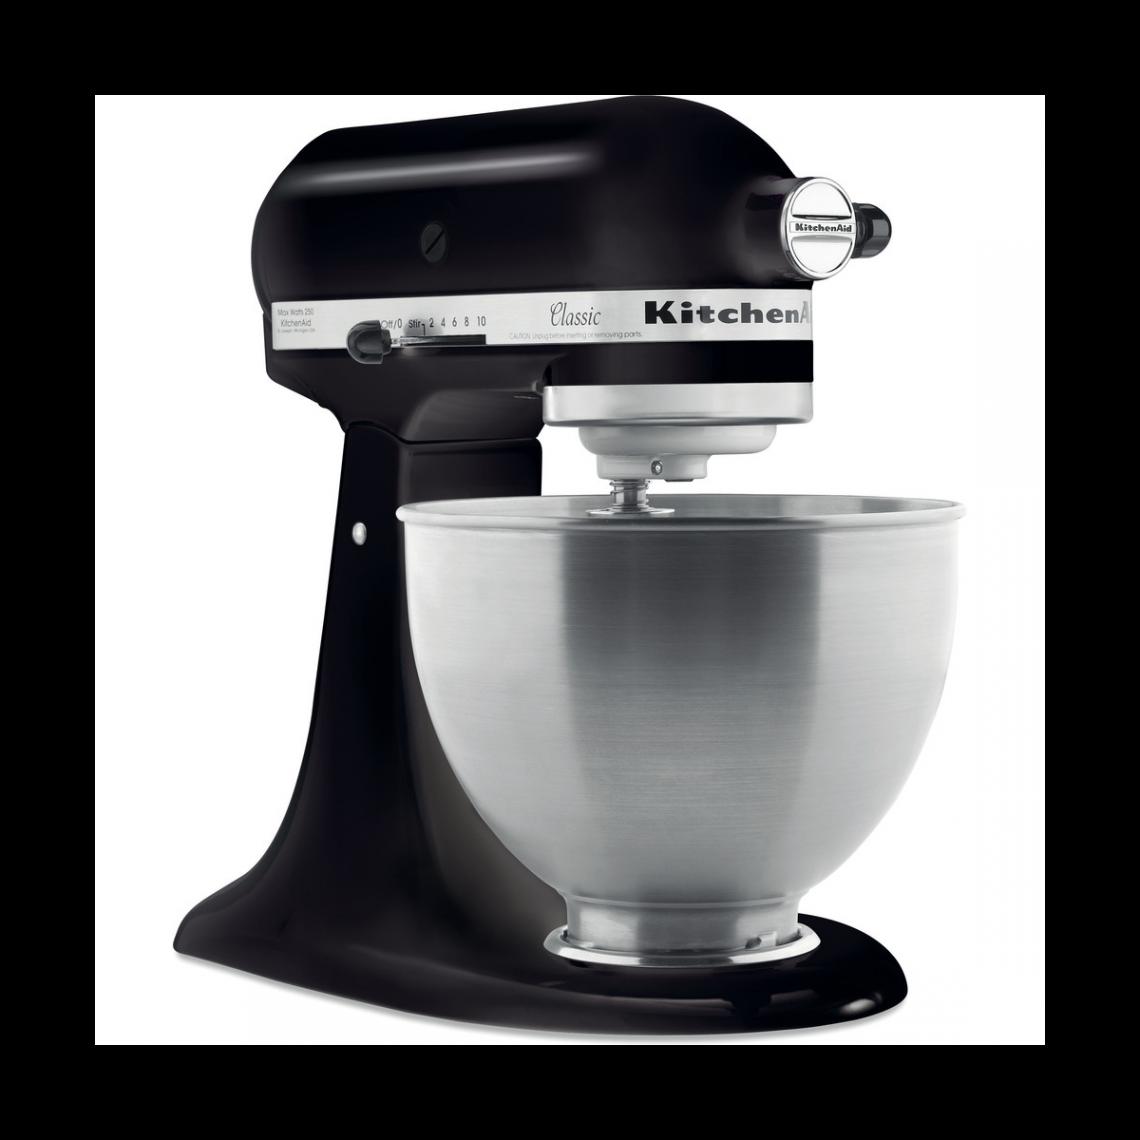 Kitchenaid Robot pâtissier 4,3L - Classic 5K45SS - Noir réglisse